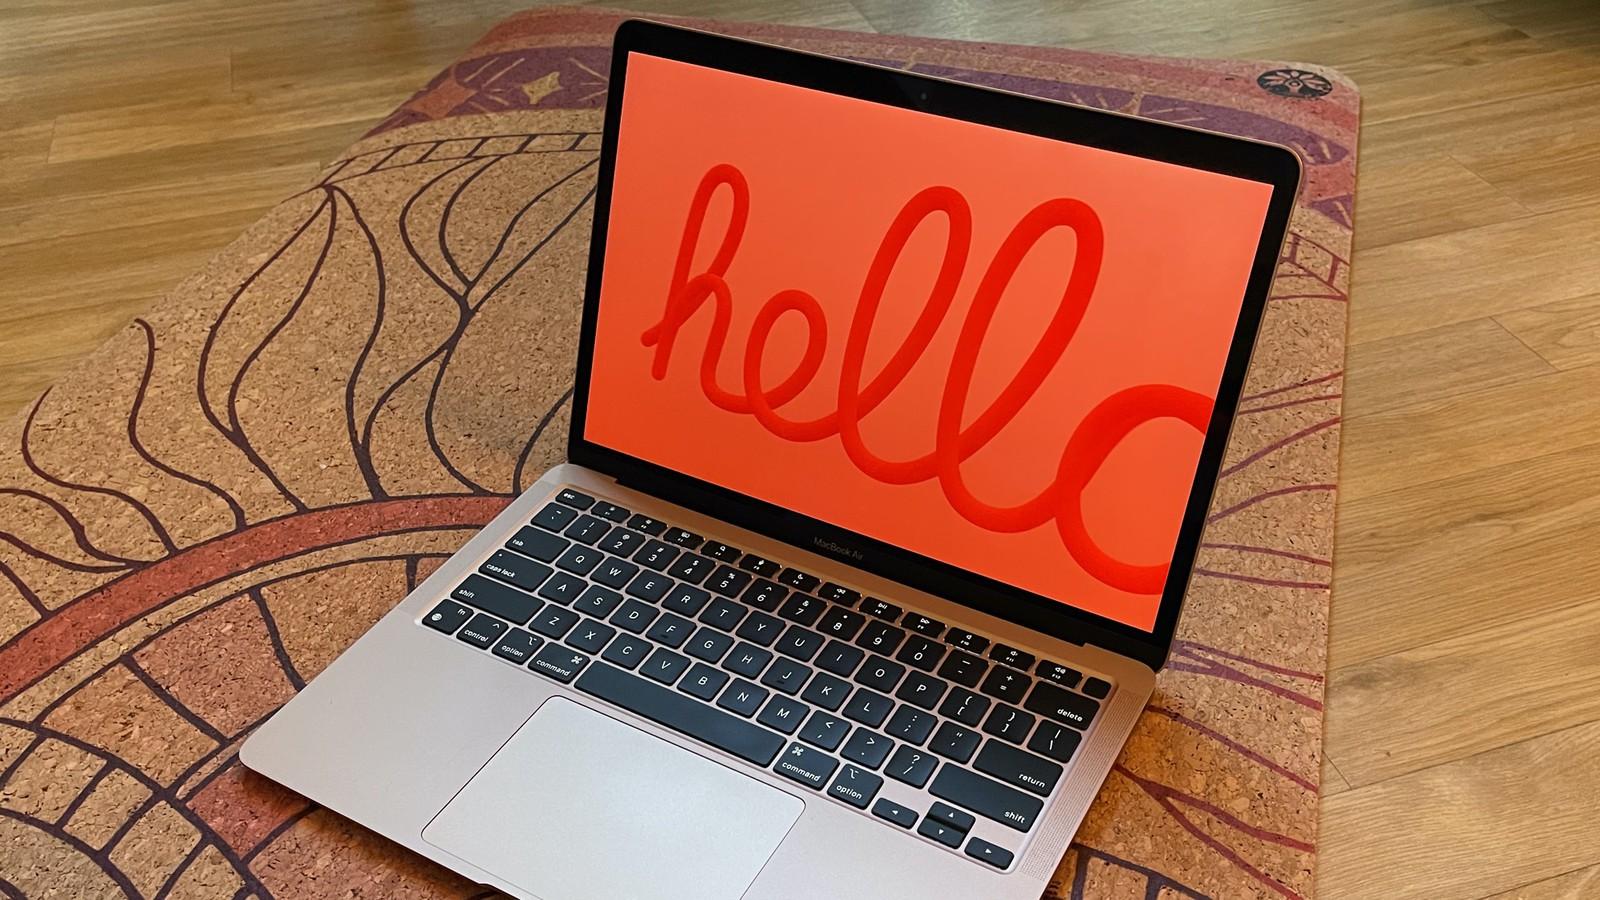 В macOS Big Sur 11.3 появился новый скринсейвер